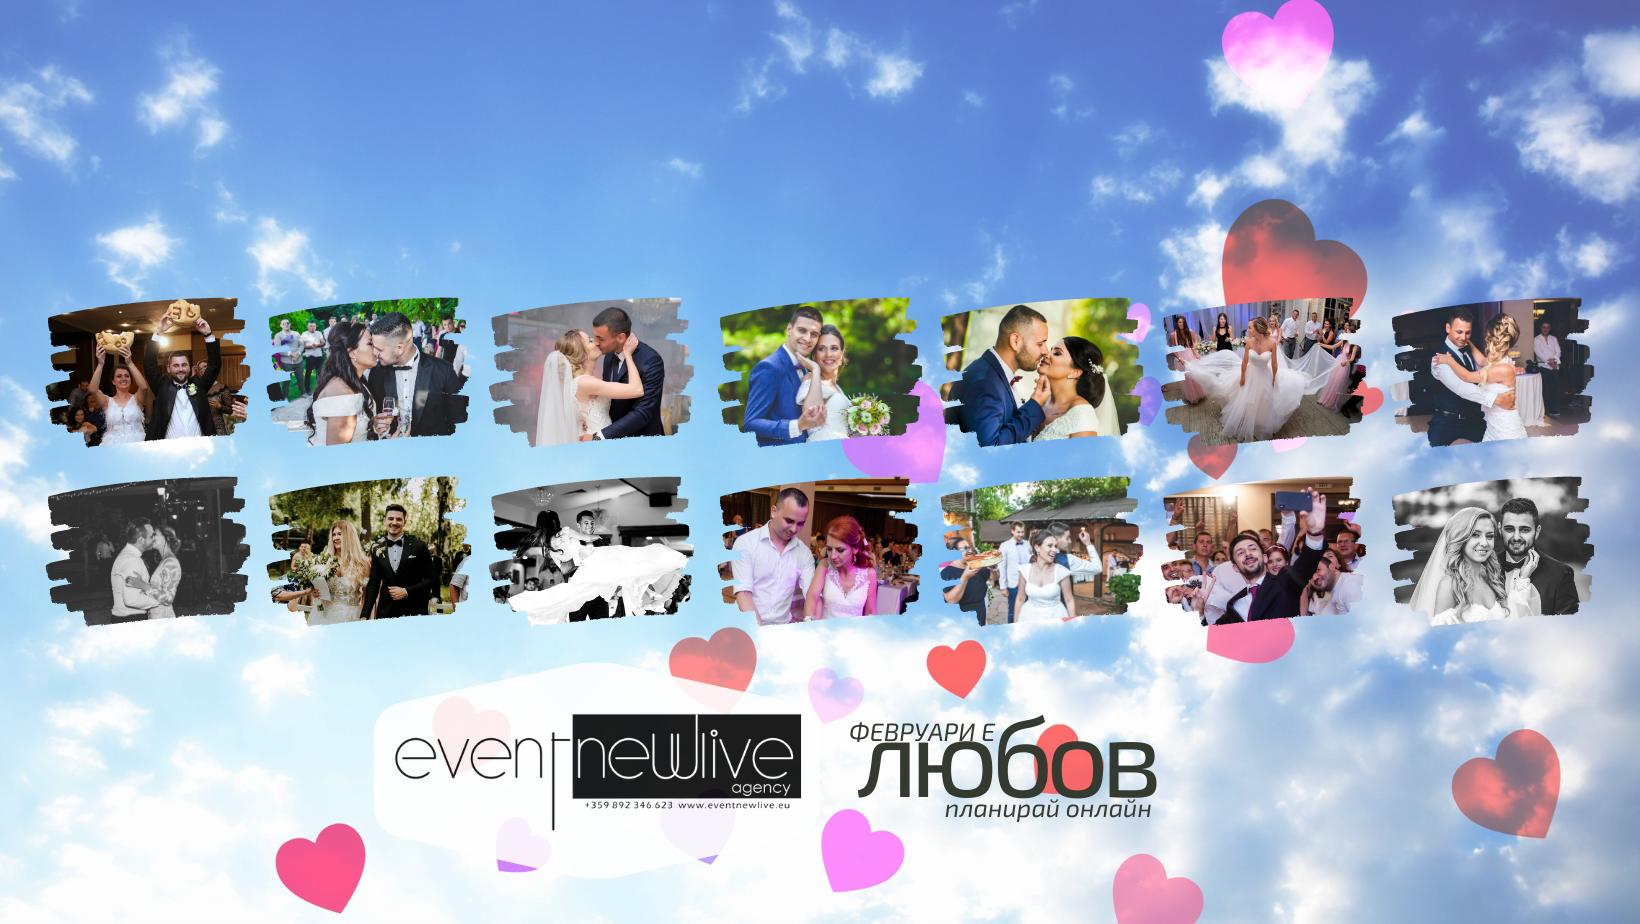 Февруари е Любов! – планирай онлайн своето събитие – www.eventnewlive.eu